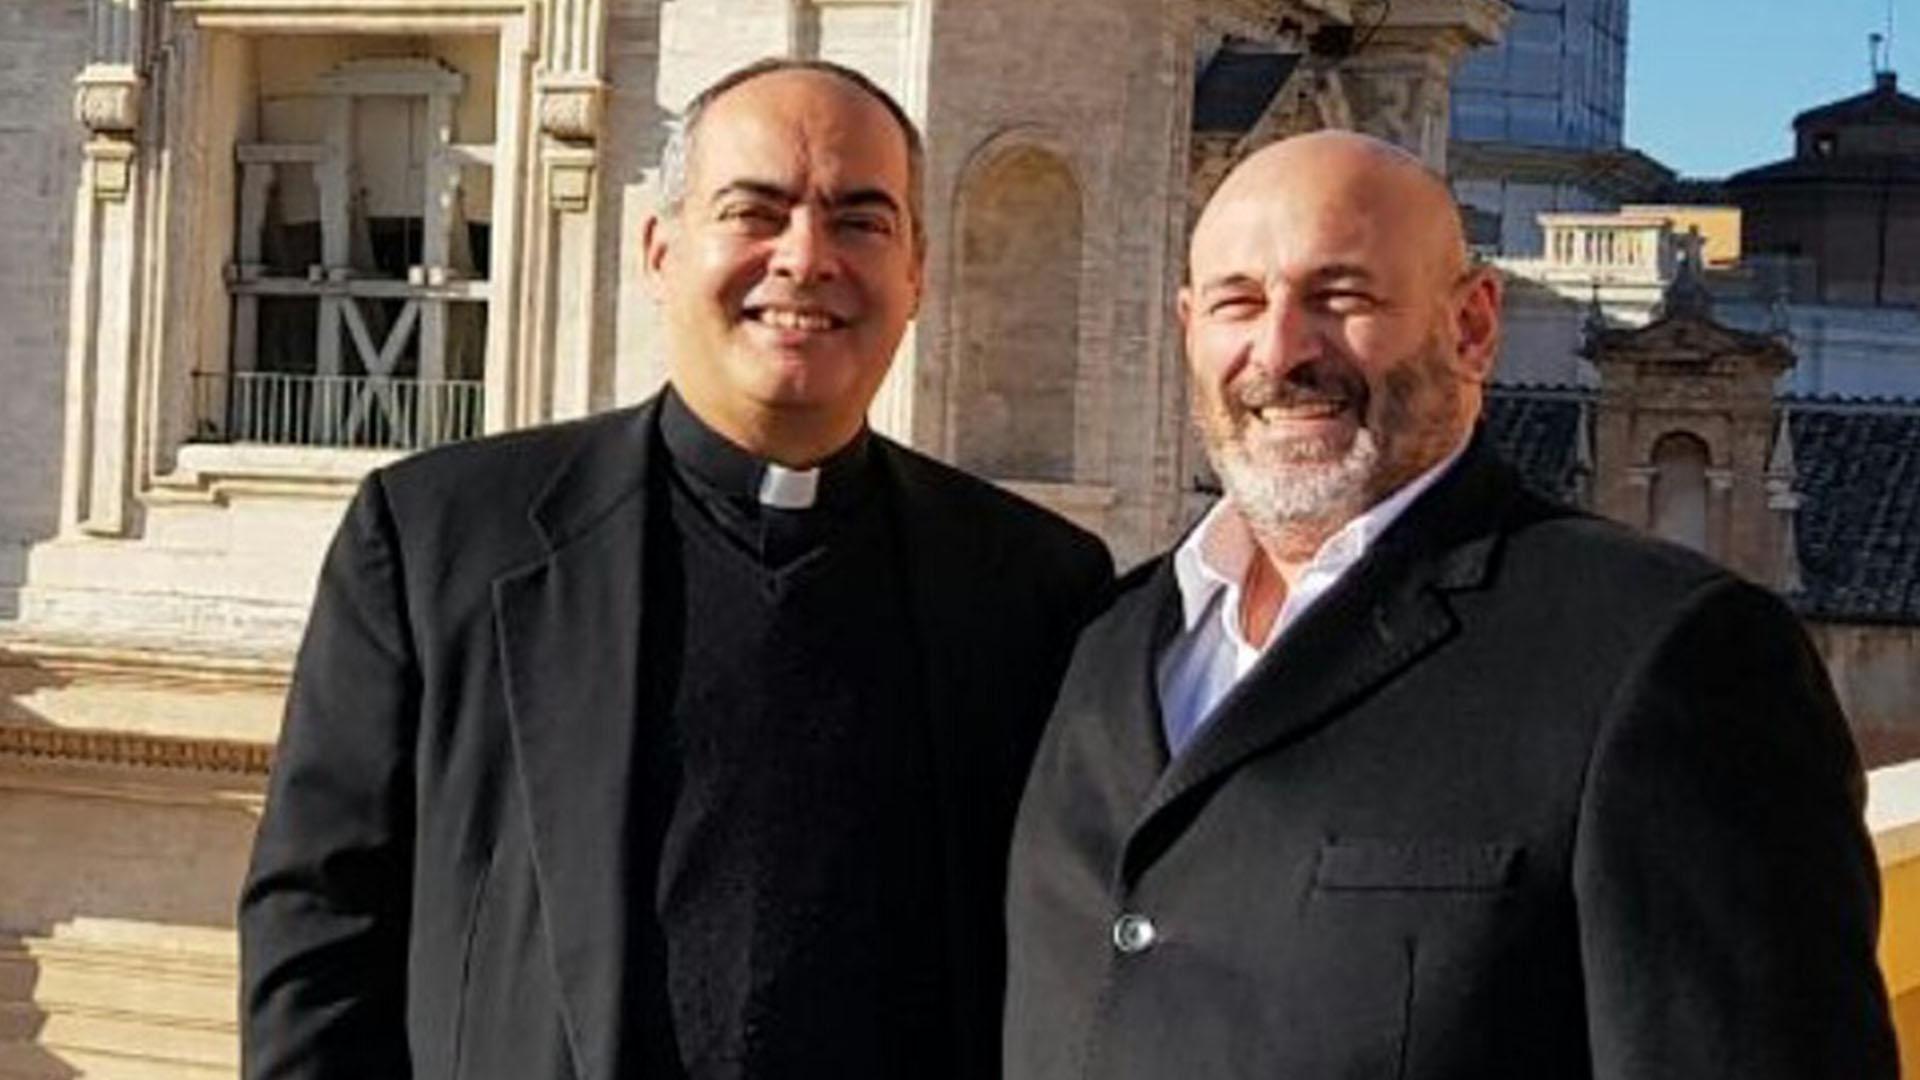 El periodista de Crónica Santiago Cúneo junto al vocero del Vaticano, Guillermo Karcher